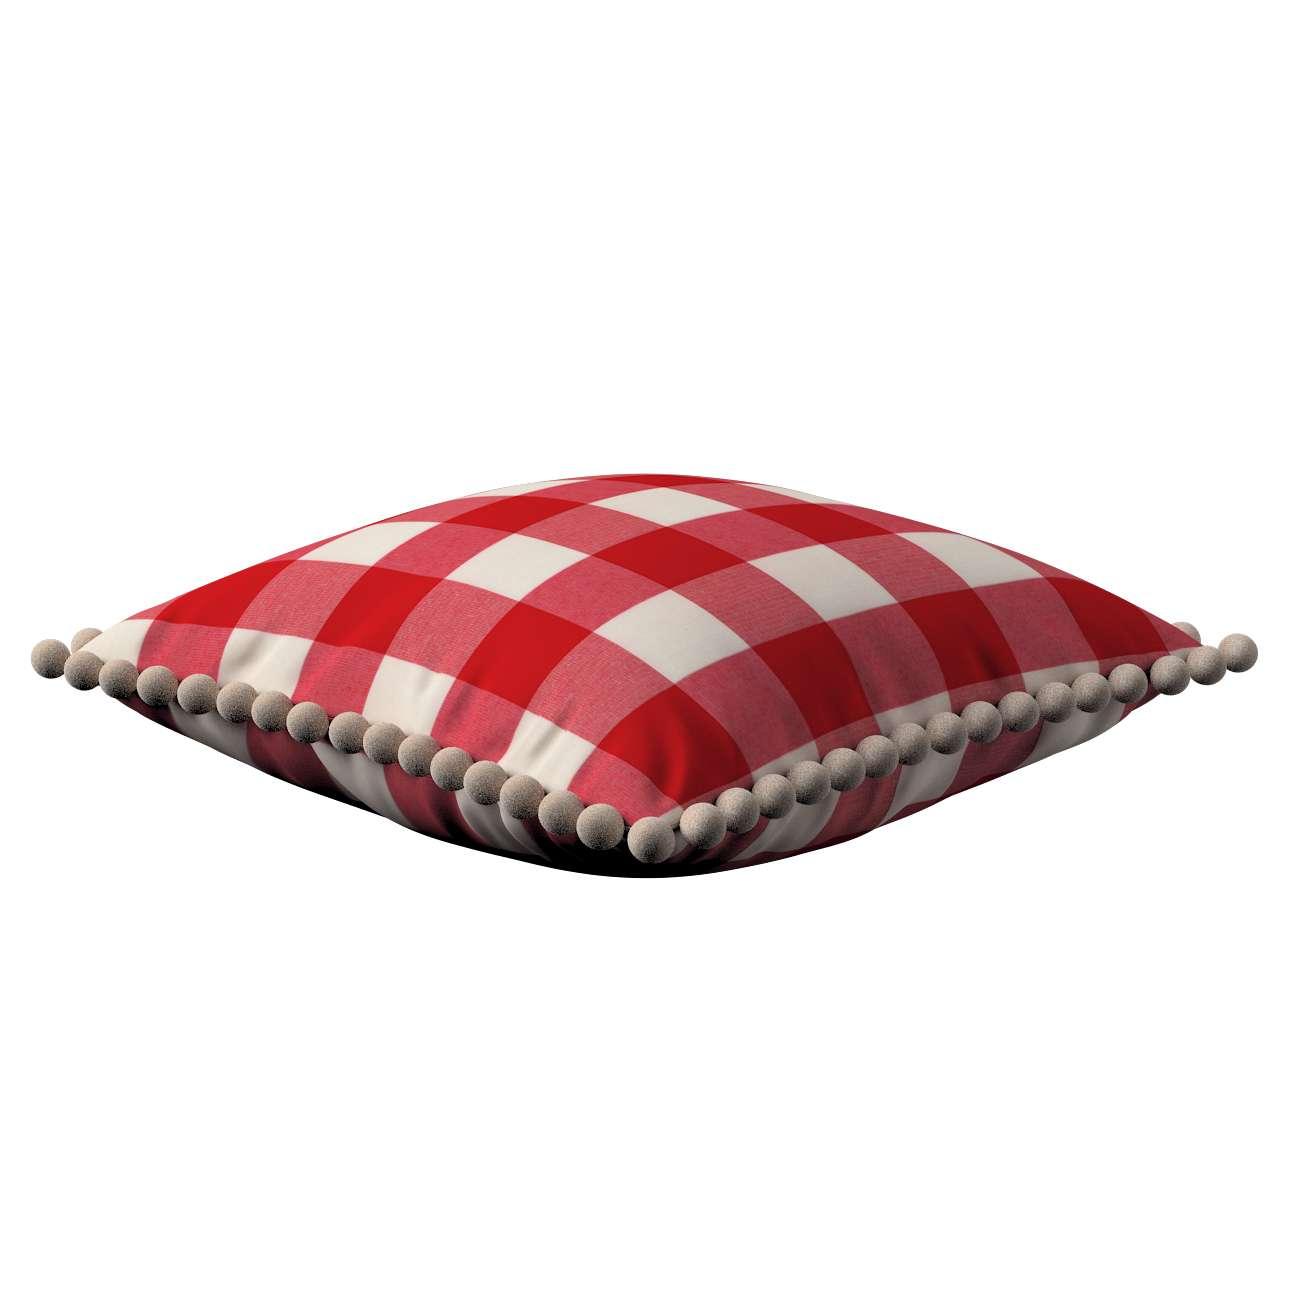 Poszewka Wera na poduszkę 45 x 45 cm w kolekcji Quadro, tkanina: 136-18